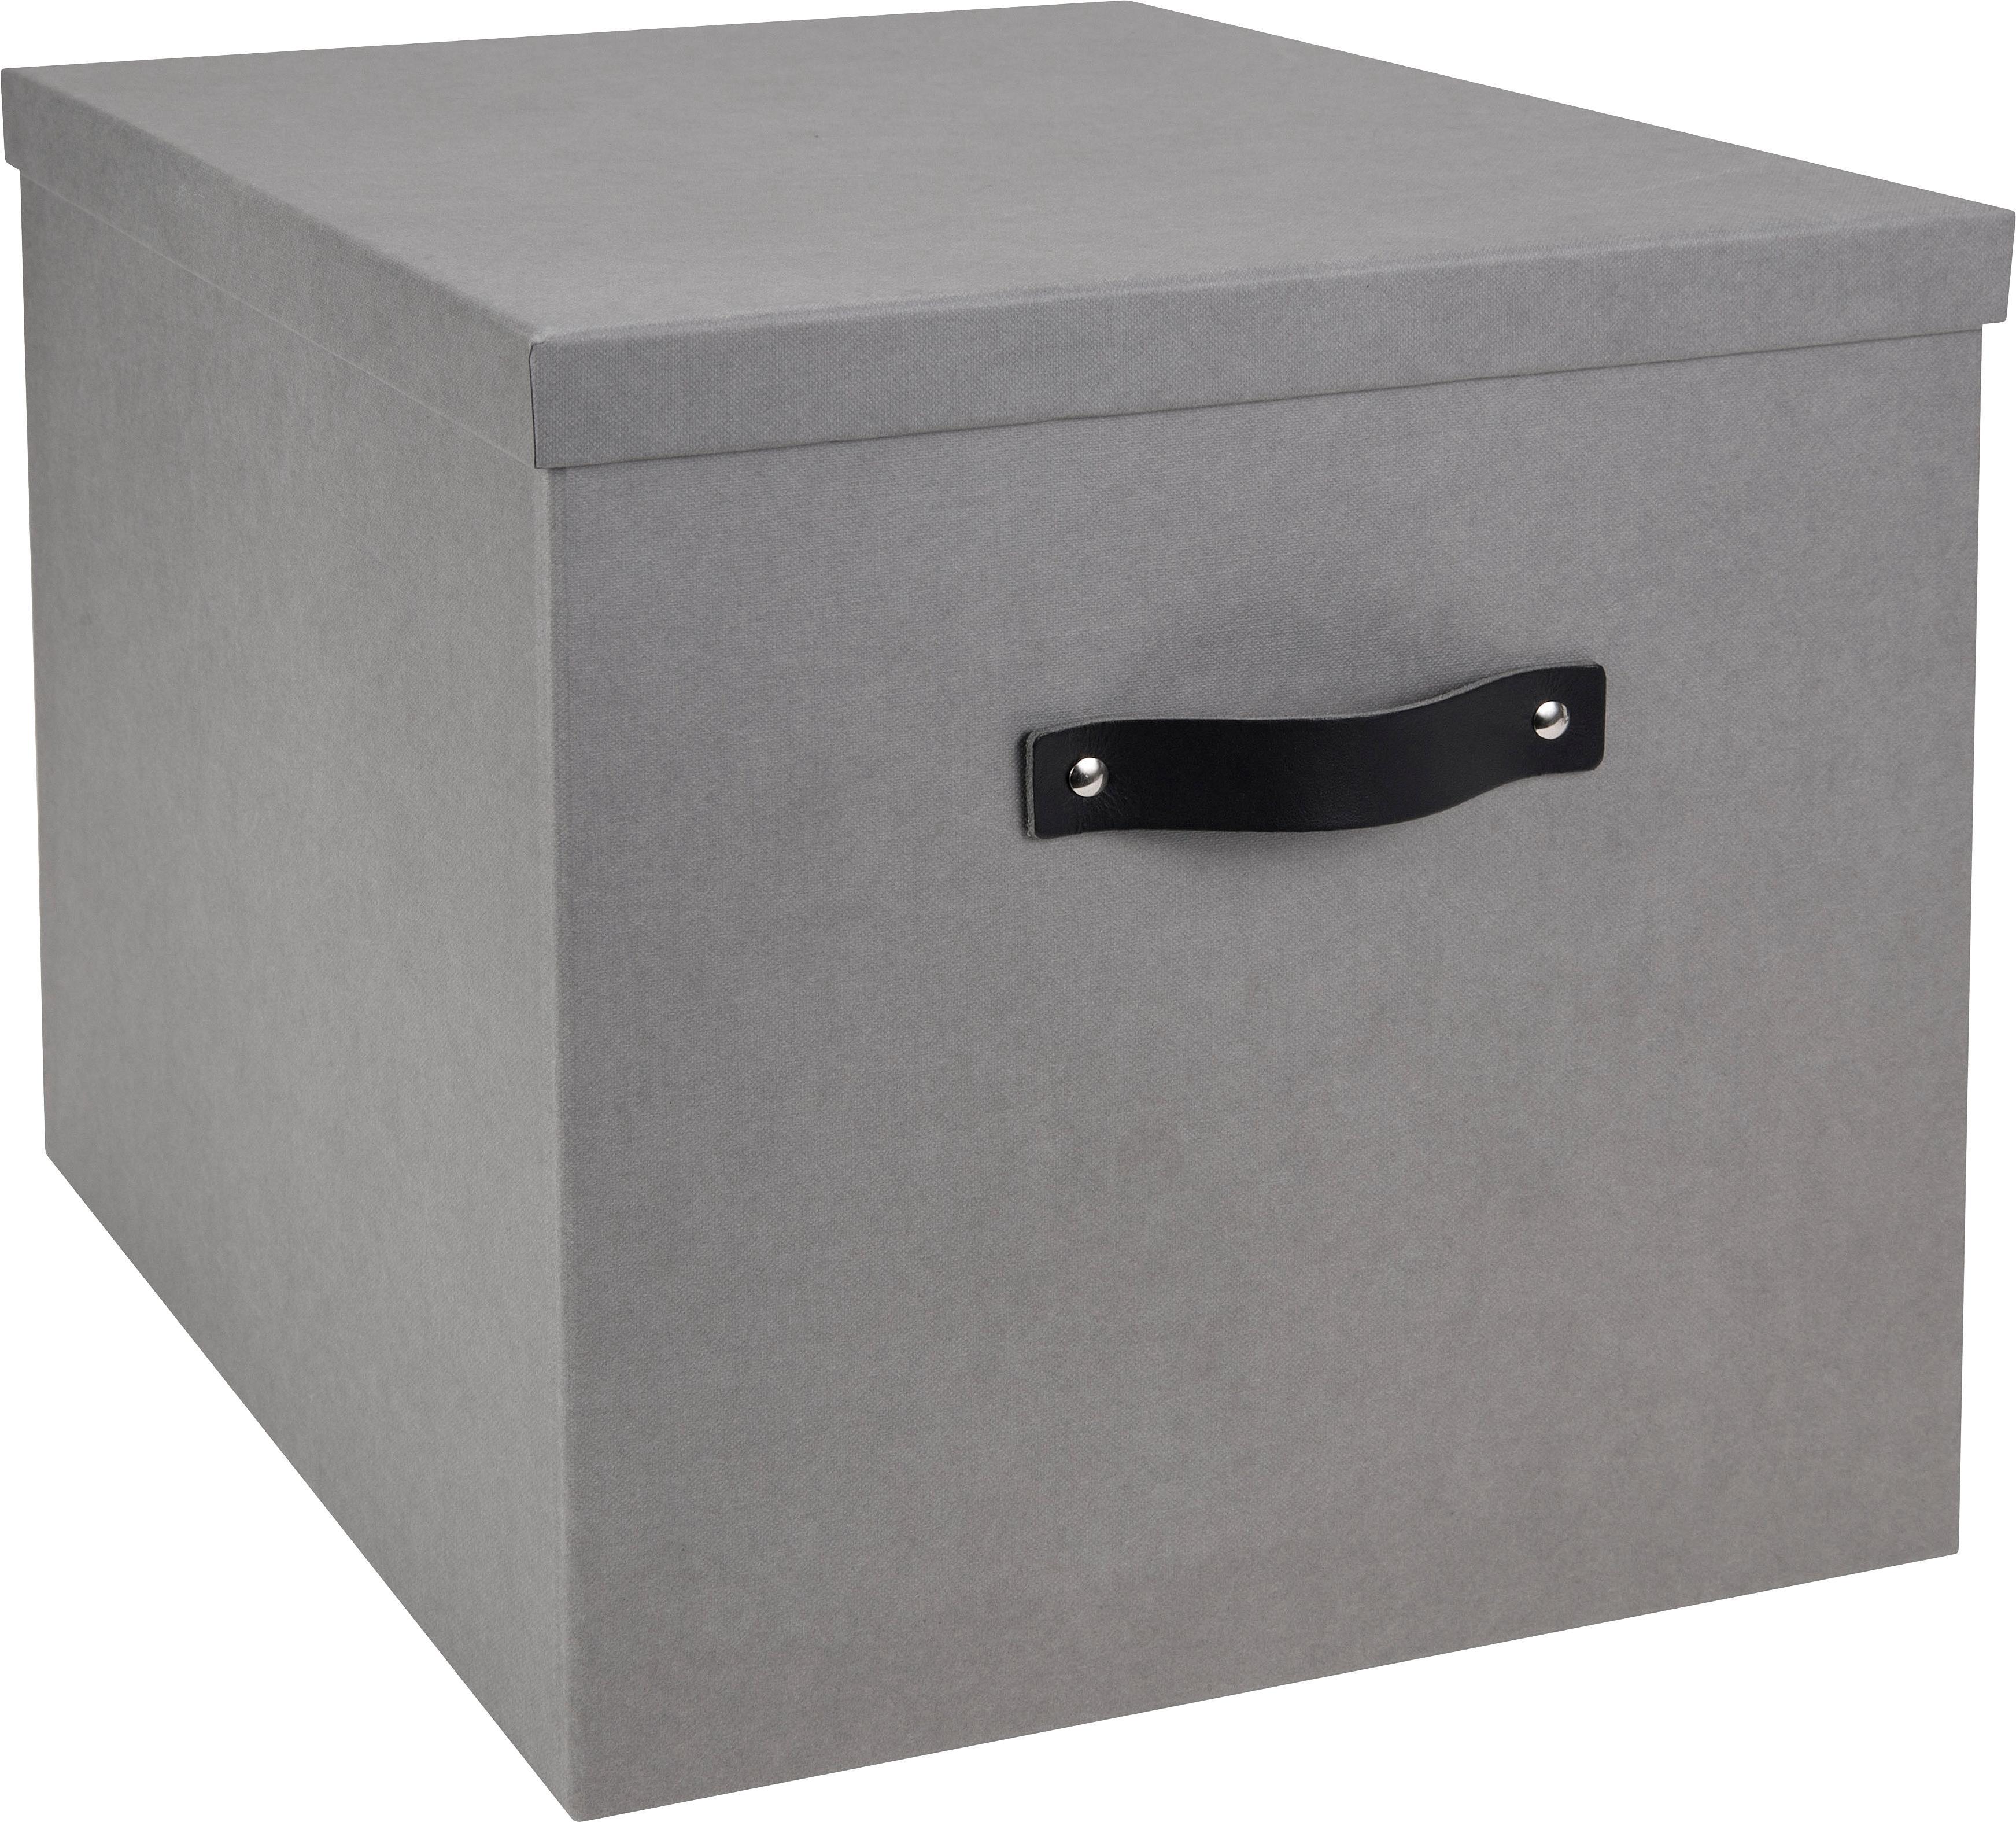 Pudełko do przechowywania Texas, Jasnoszary, S 32 x W 32 cm